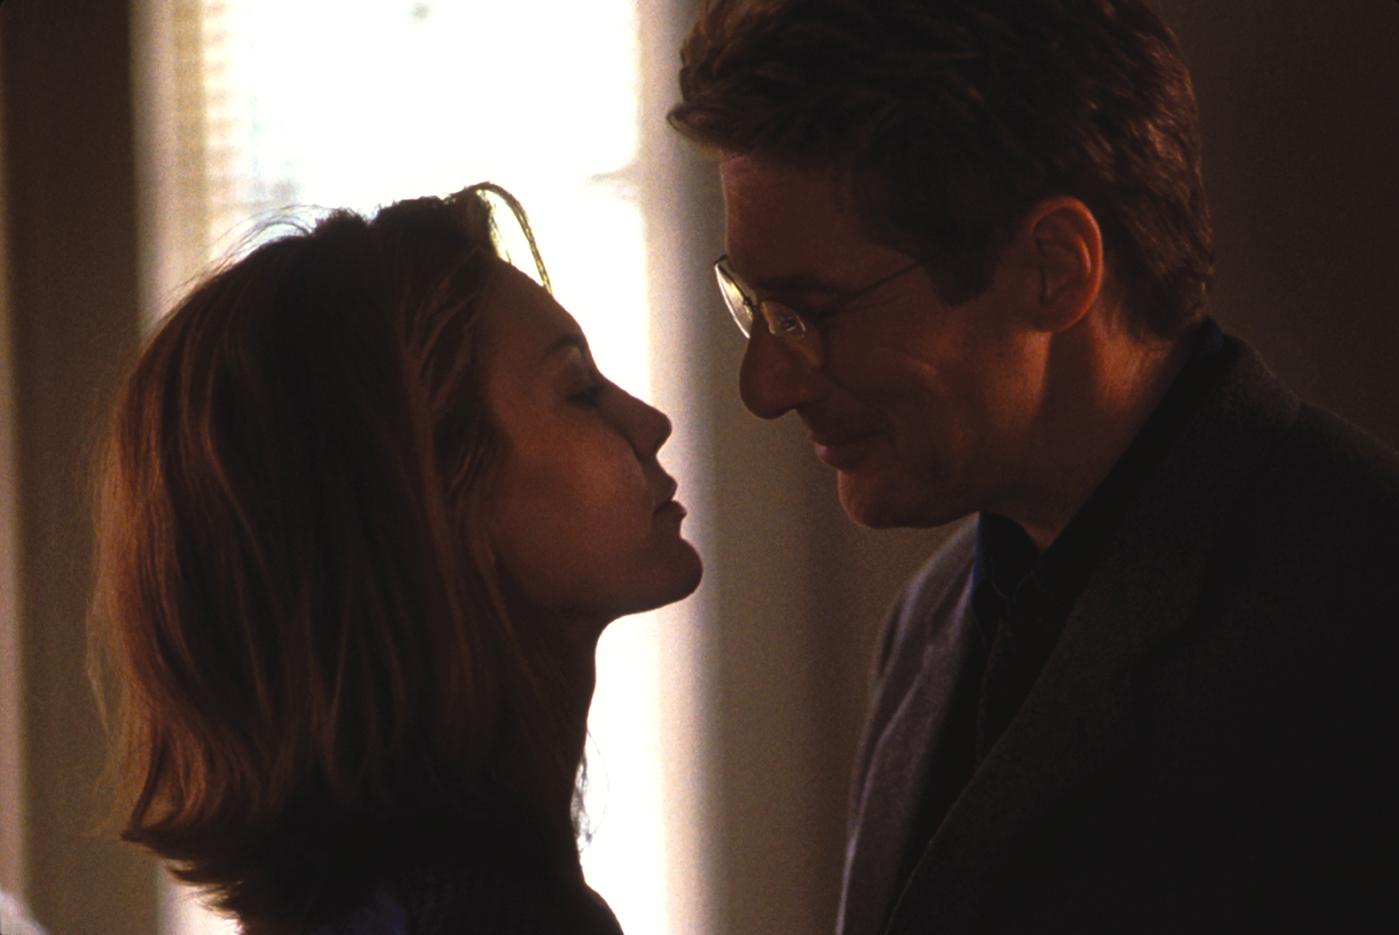 Untreu Film 2002 Trailer Kritik Kinode